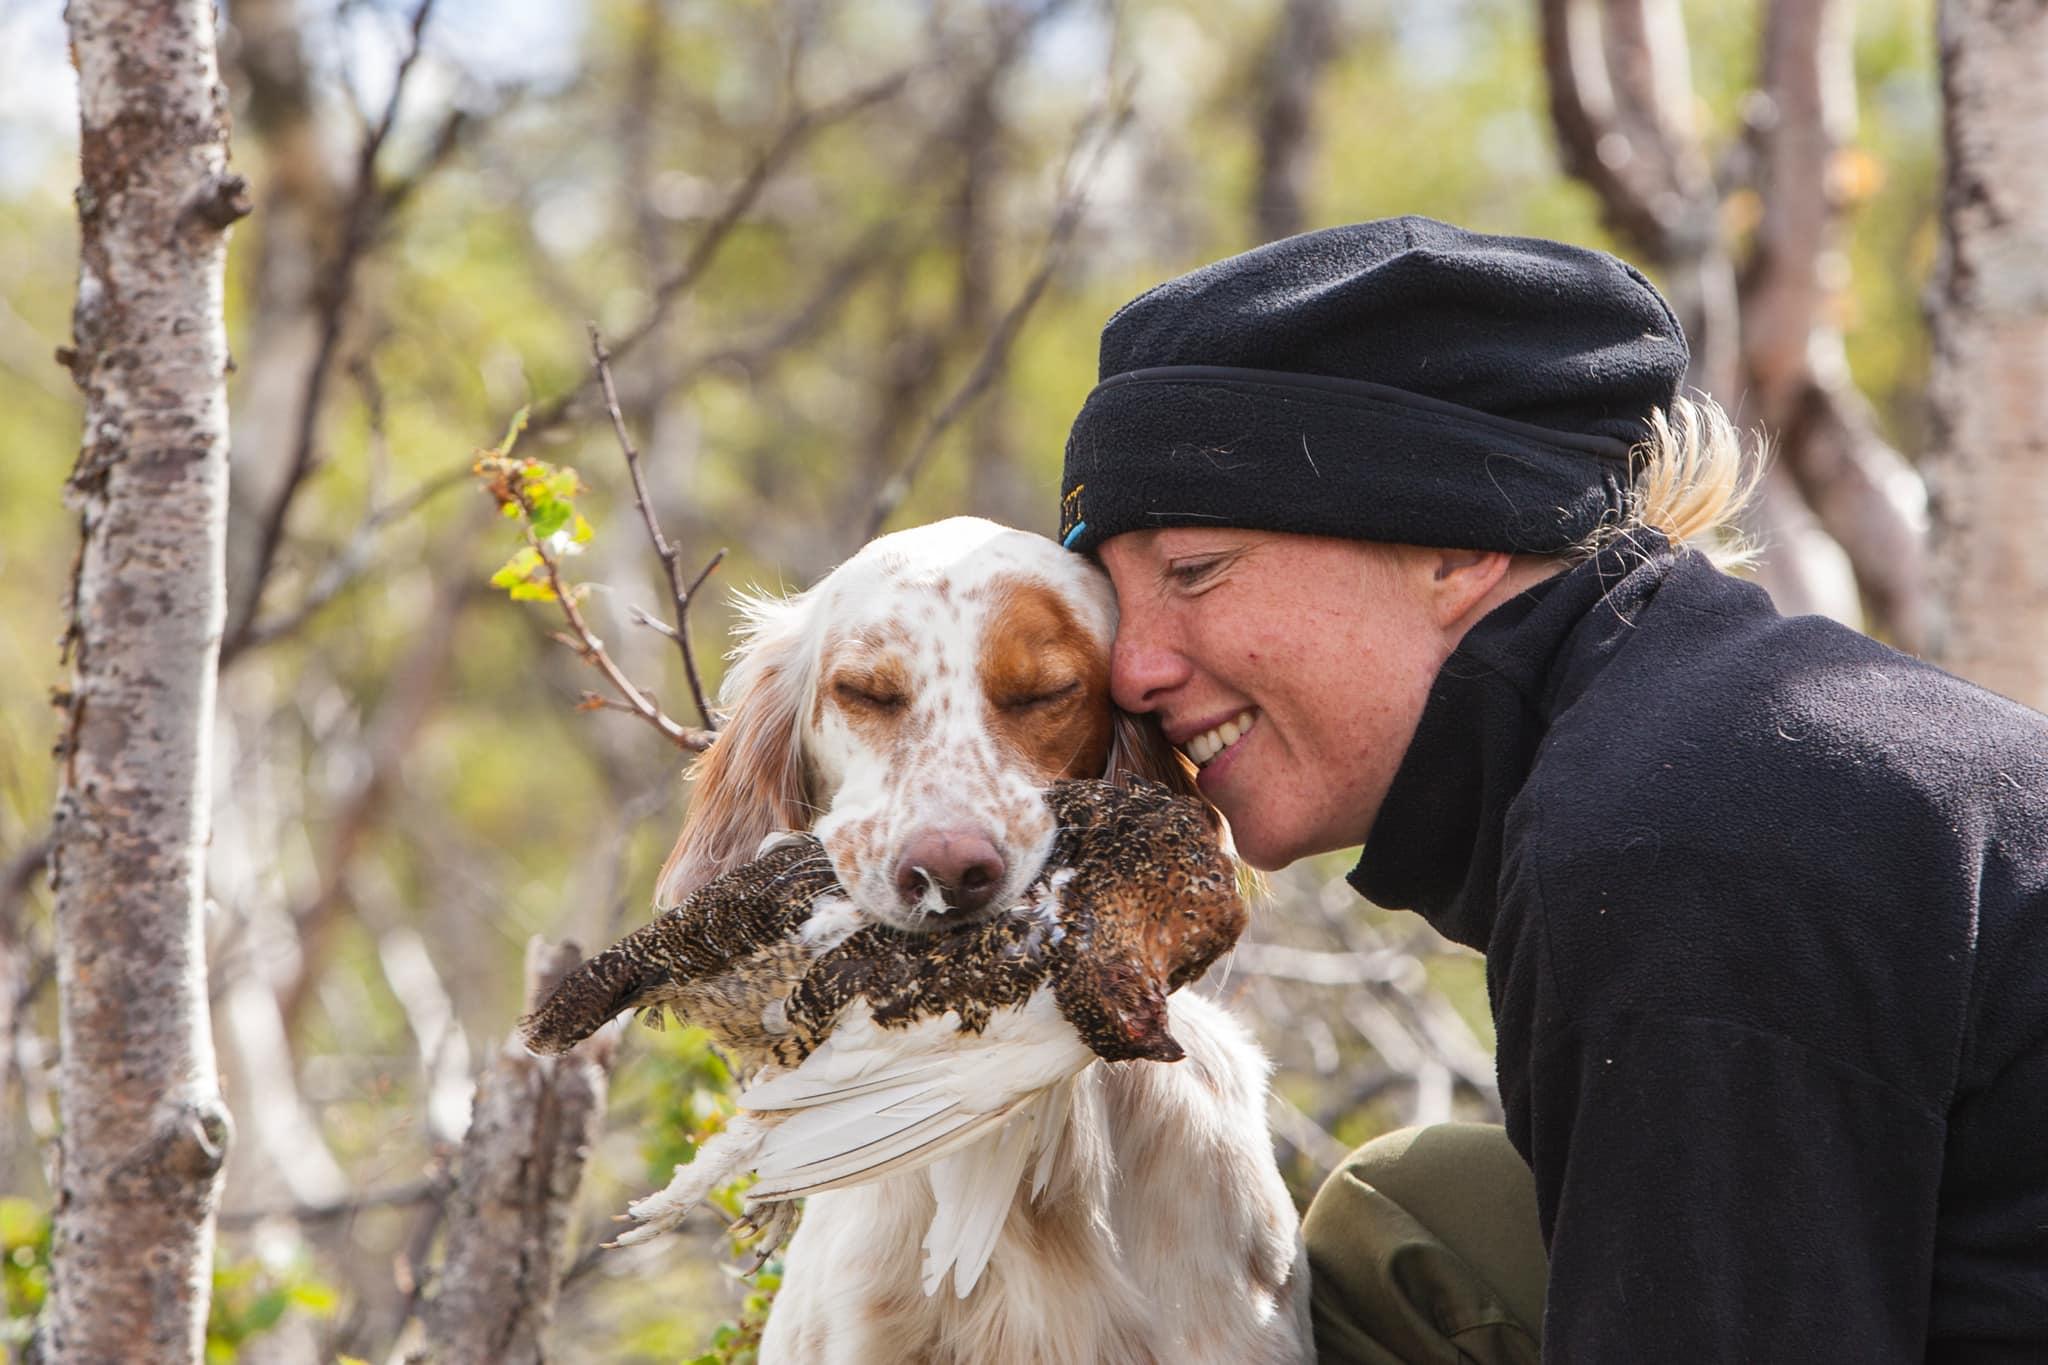 Kvinnorna ökar i jaktlagen. Trots att antalet jaktkortslösare totalt sett minskar fortsätter antalet kvinnliga jaktkortslösaere att öka. Foto: Kjell-Erik Moseid